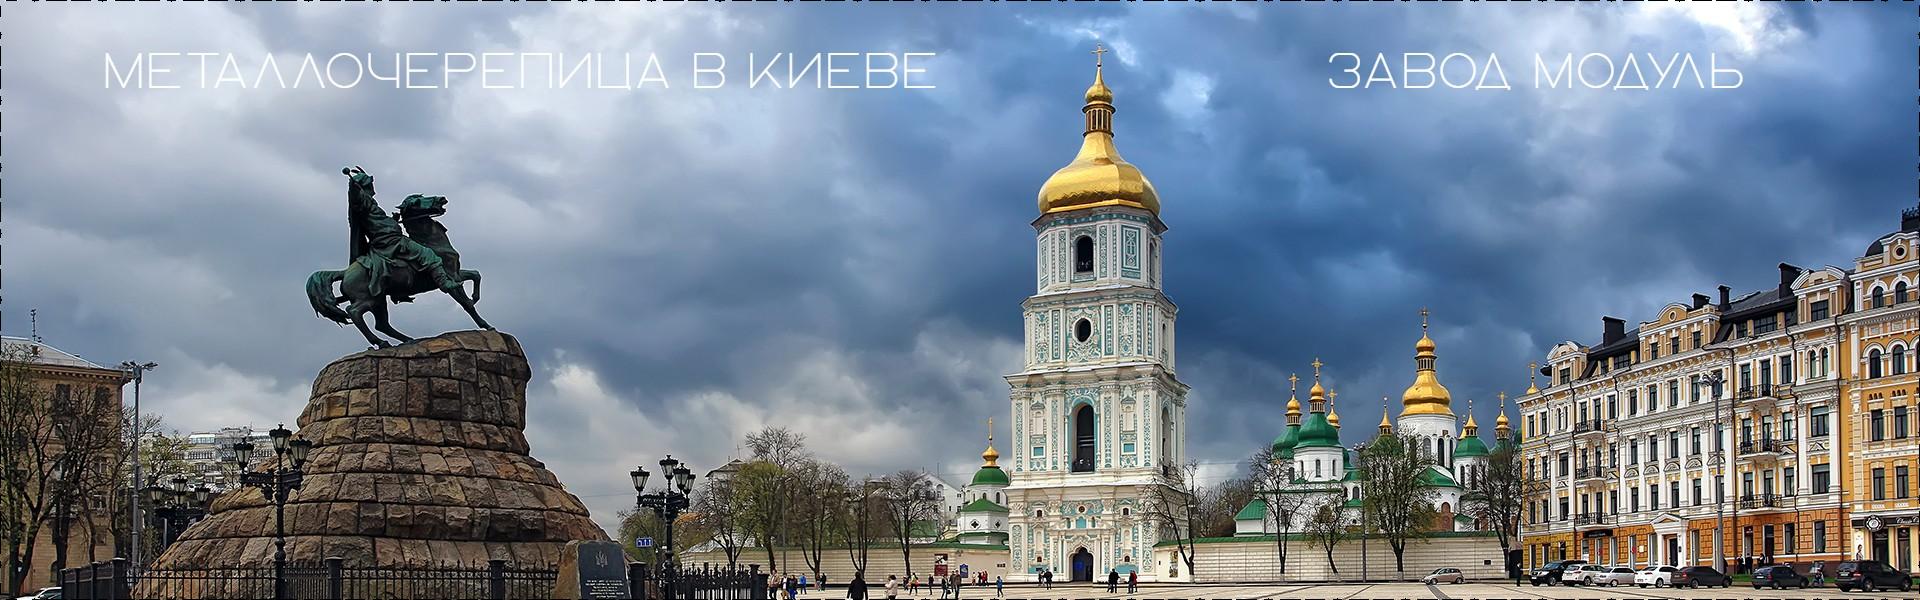 Металлочерепица в Киеве